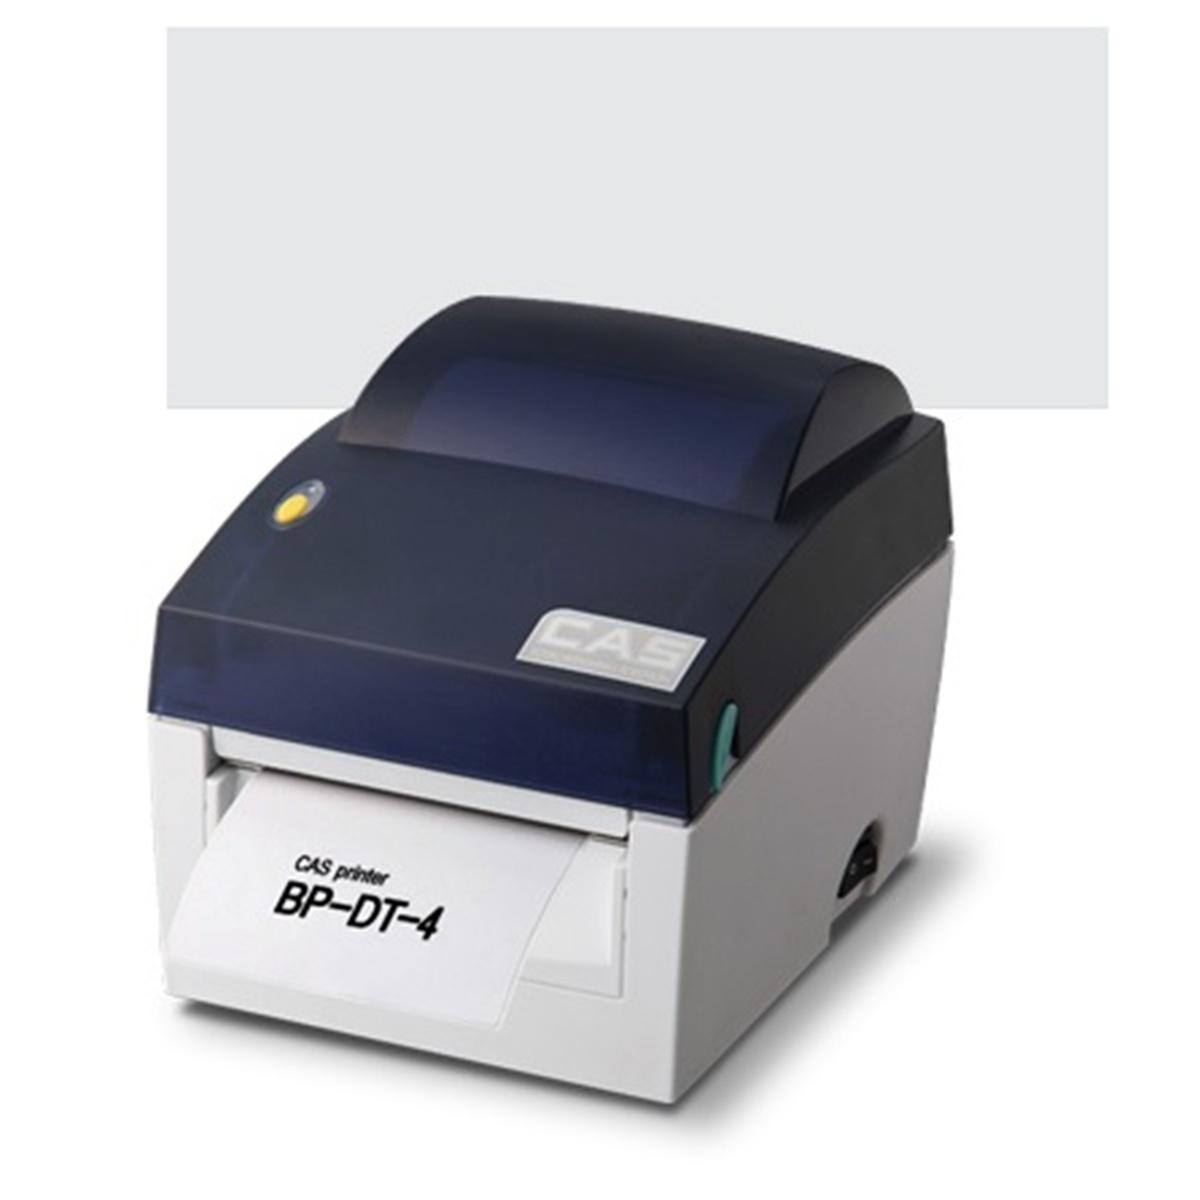 CAS BP-DT 4 Termal Barkod Yazıcı